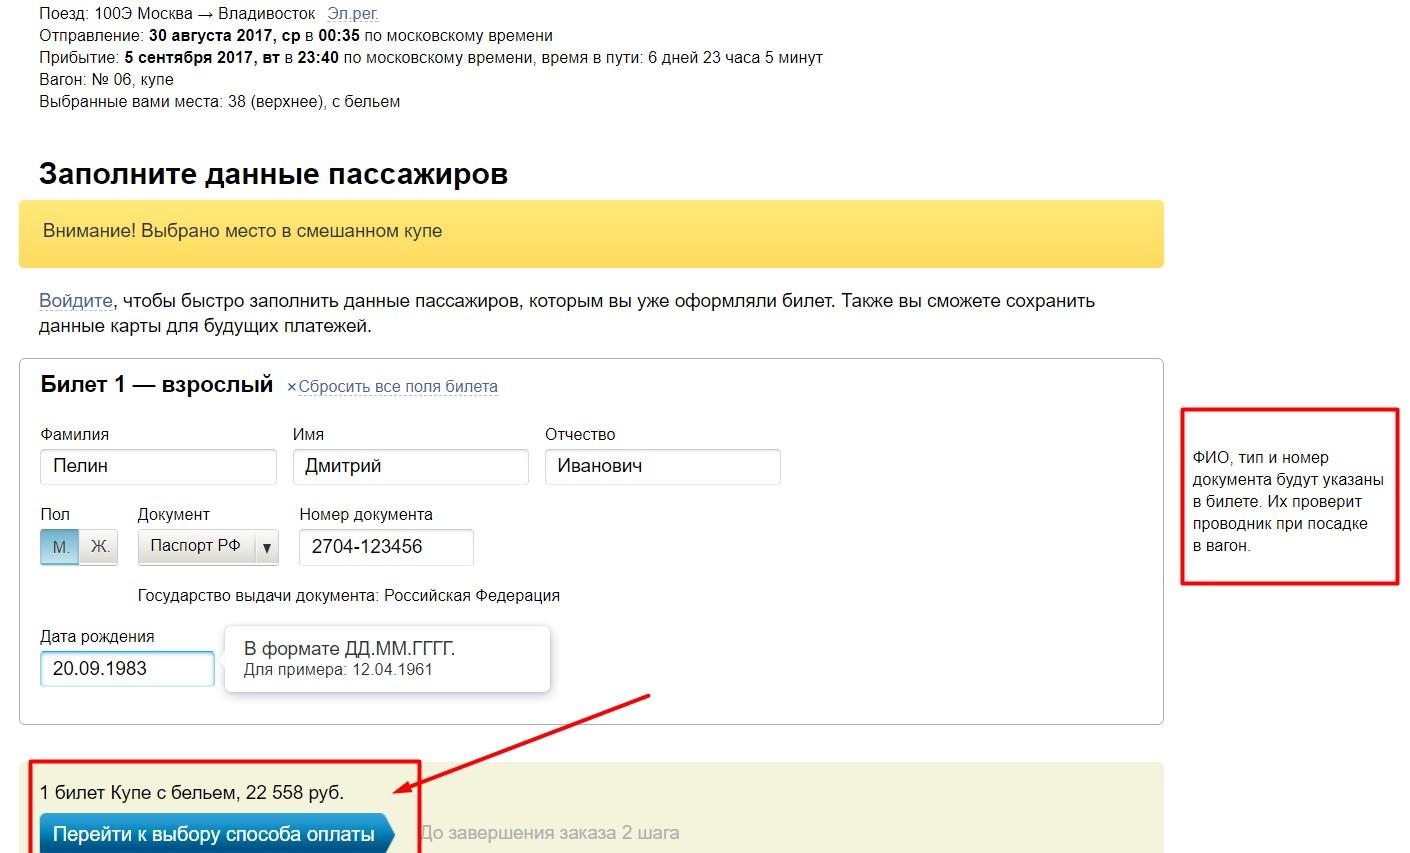 оформление билета на поезд РЖД